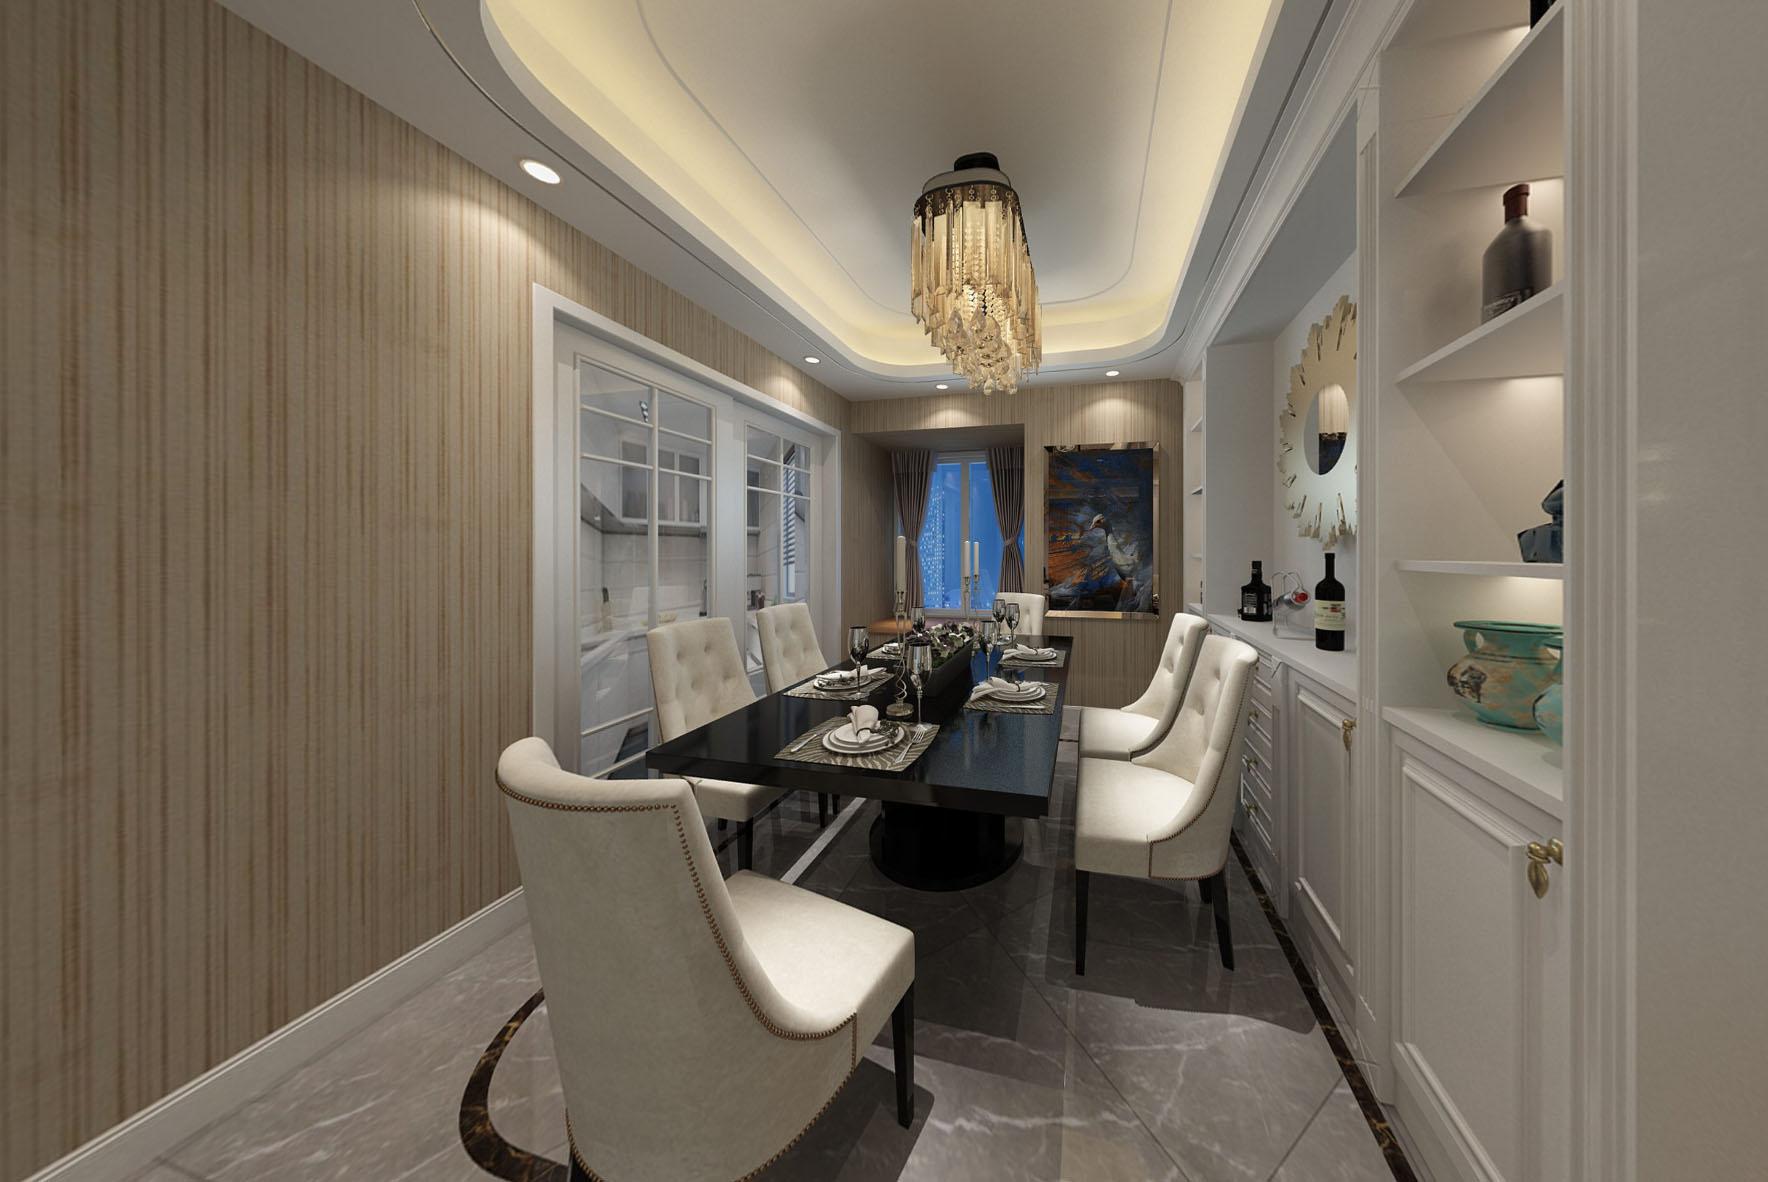 客餐厅分区明确,客厅沙发背景墙简约中透出华丽,地面与顶面装饰线扩大视觉范围,餐厅一整面酒柜的设计满足了业主大量的物品的存放。